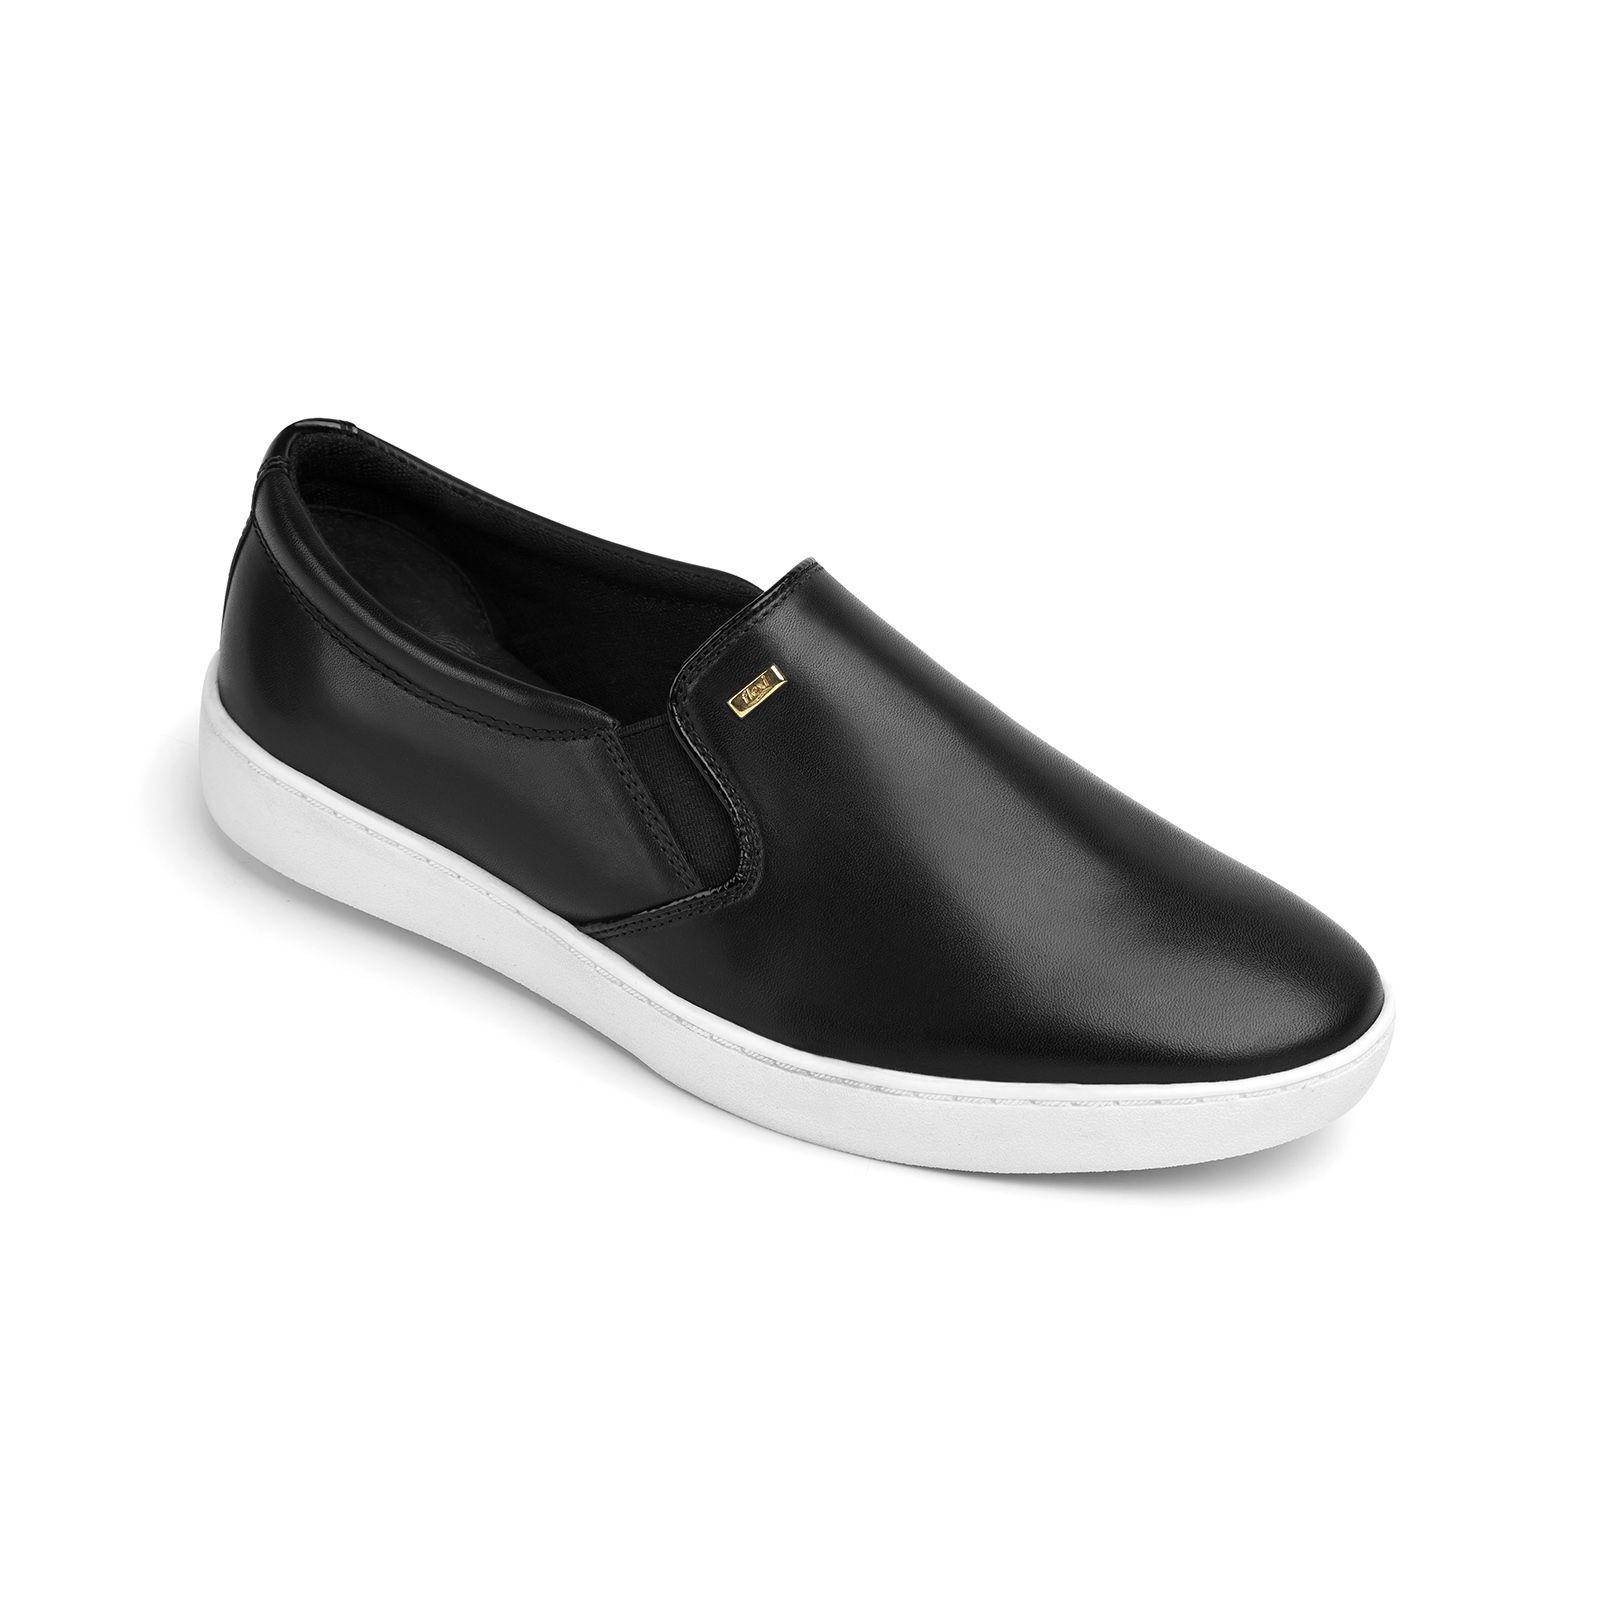 Sneaker suela blanca | Zapatos, Zapatos flexi y Venta de zapatos